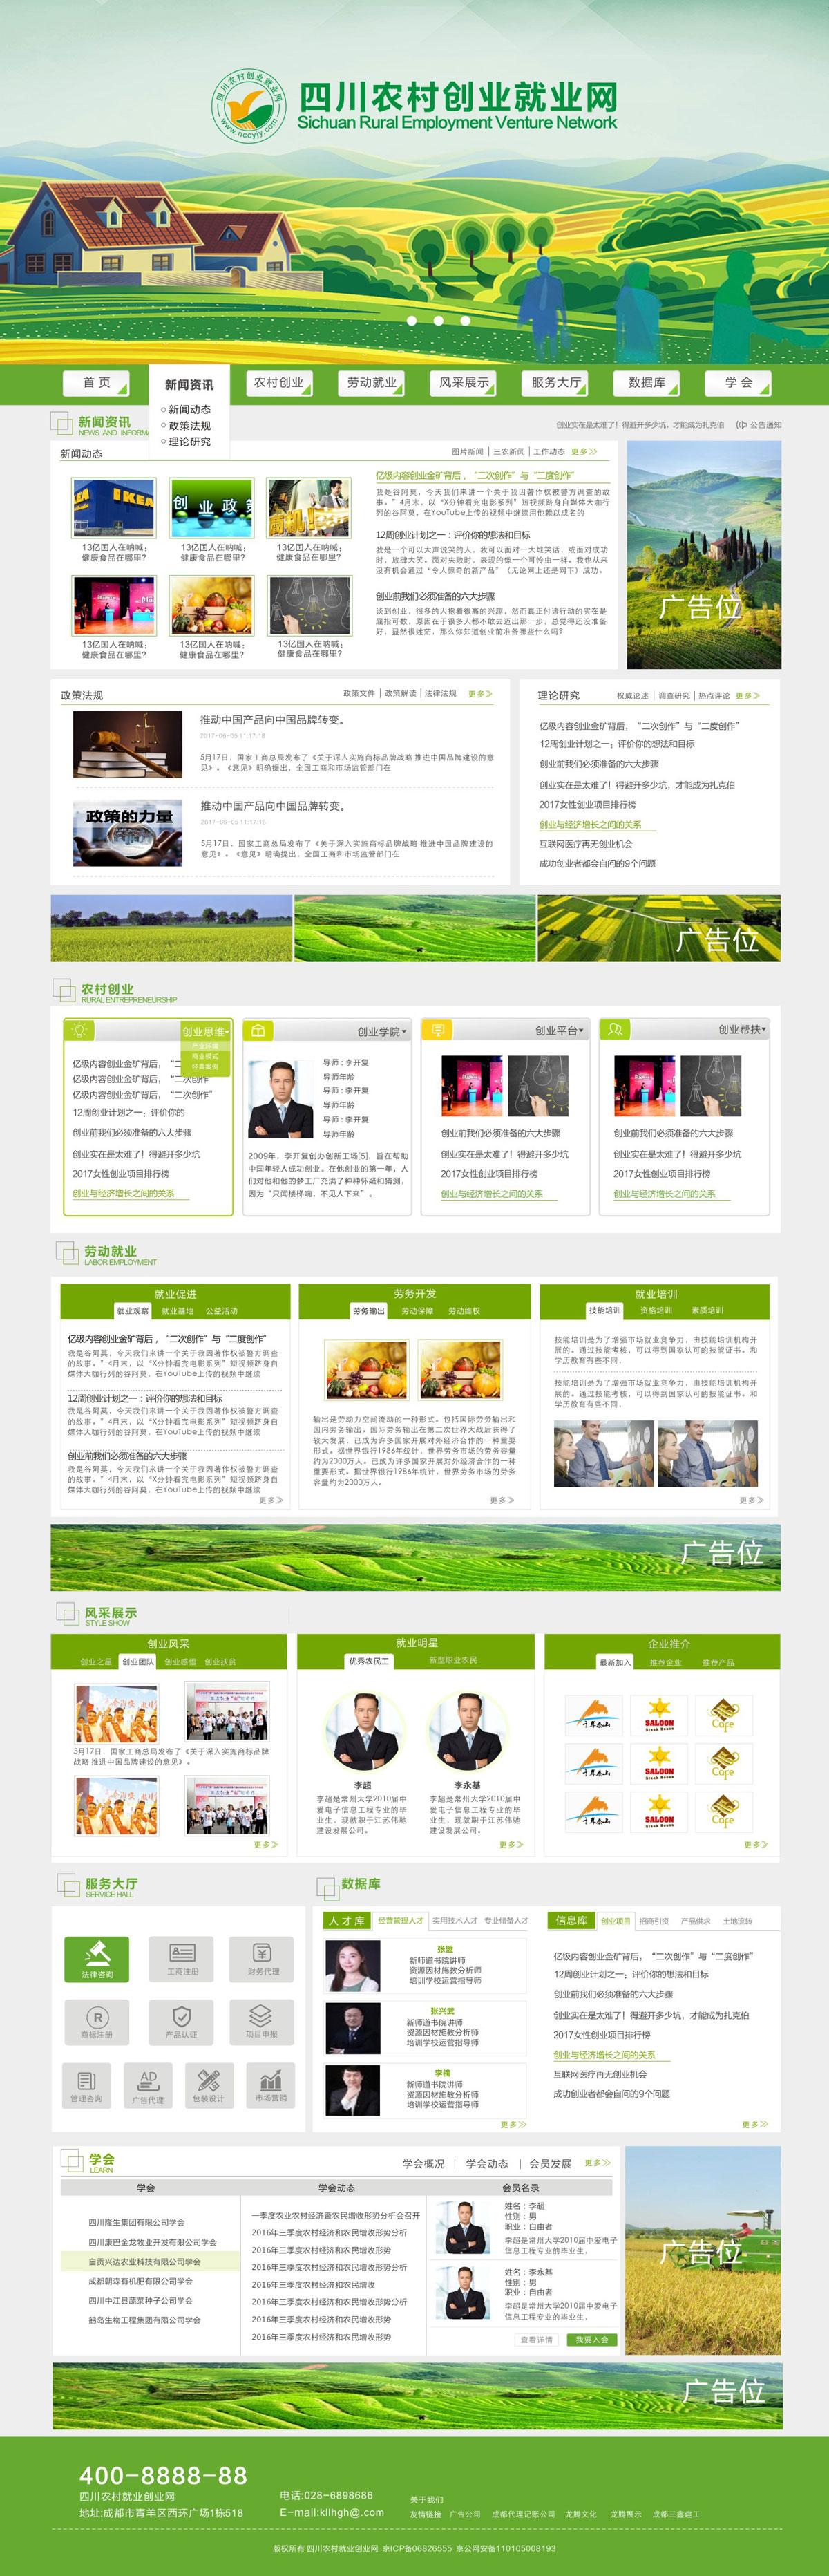 四川农村创业就业网网站设计_农村创业就业网站建设_农业网站设计制作